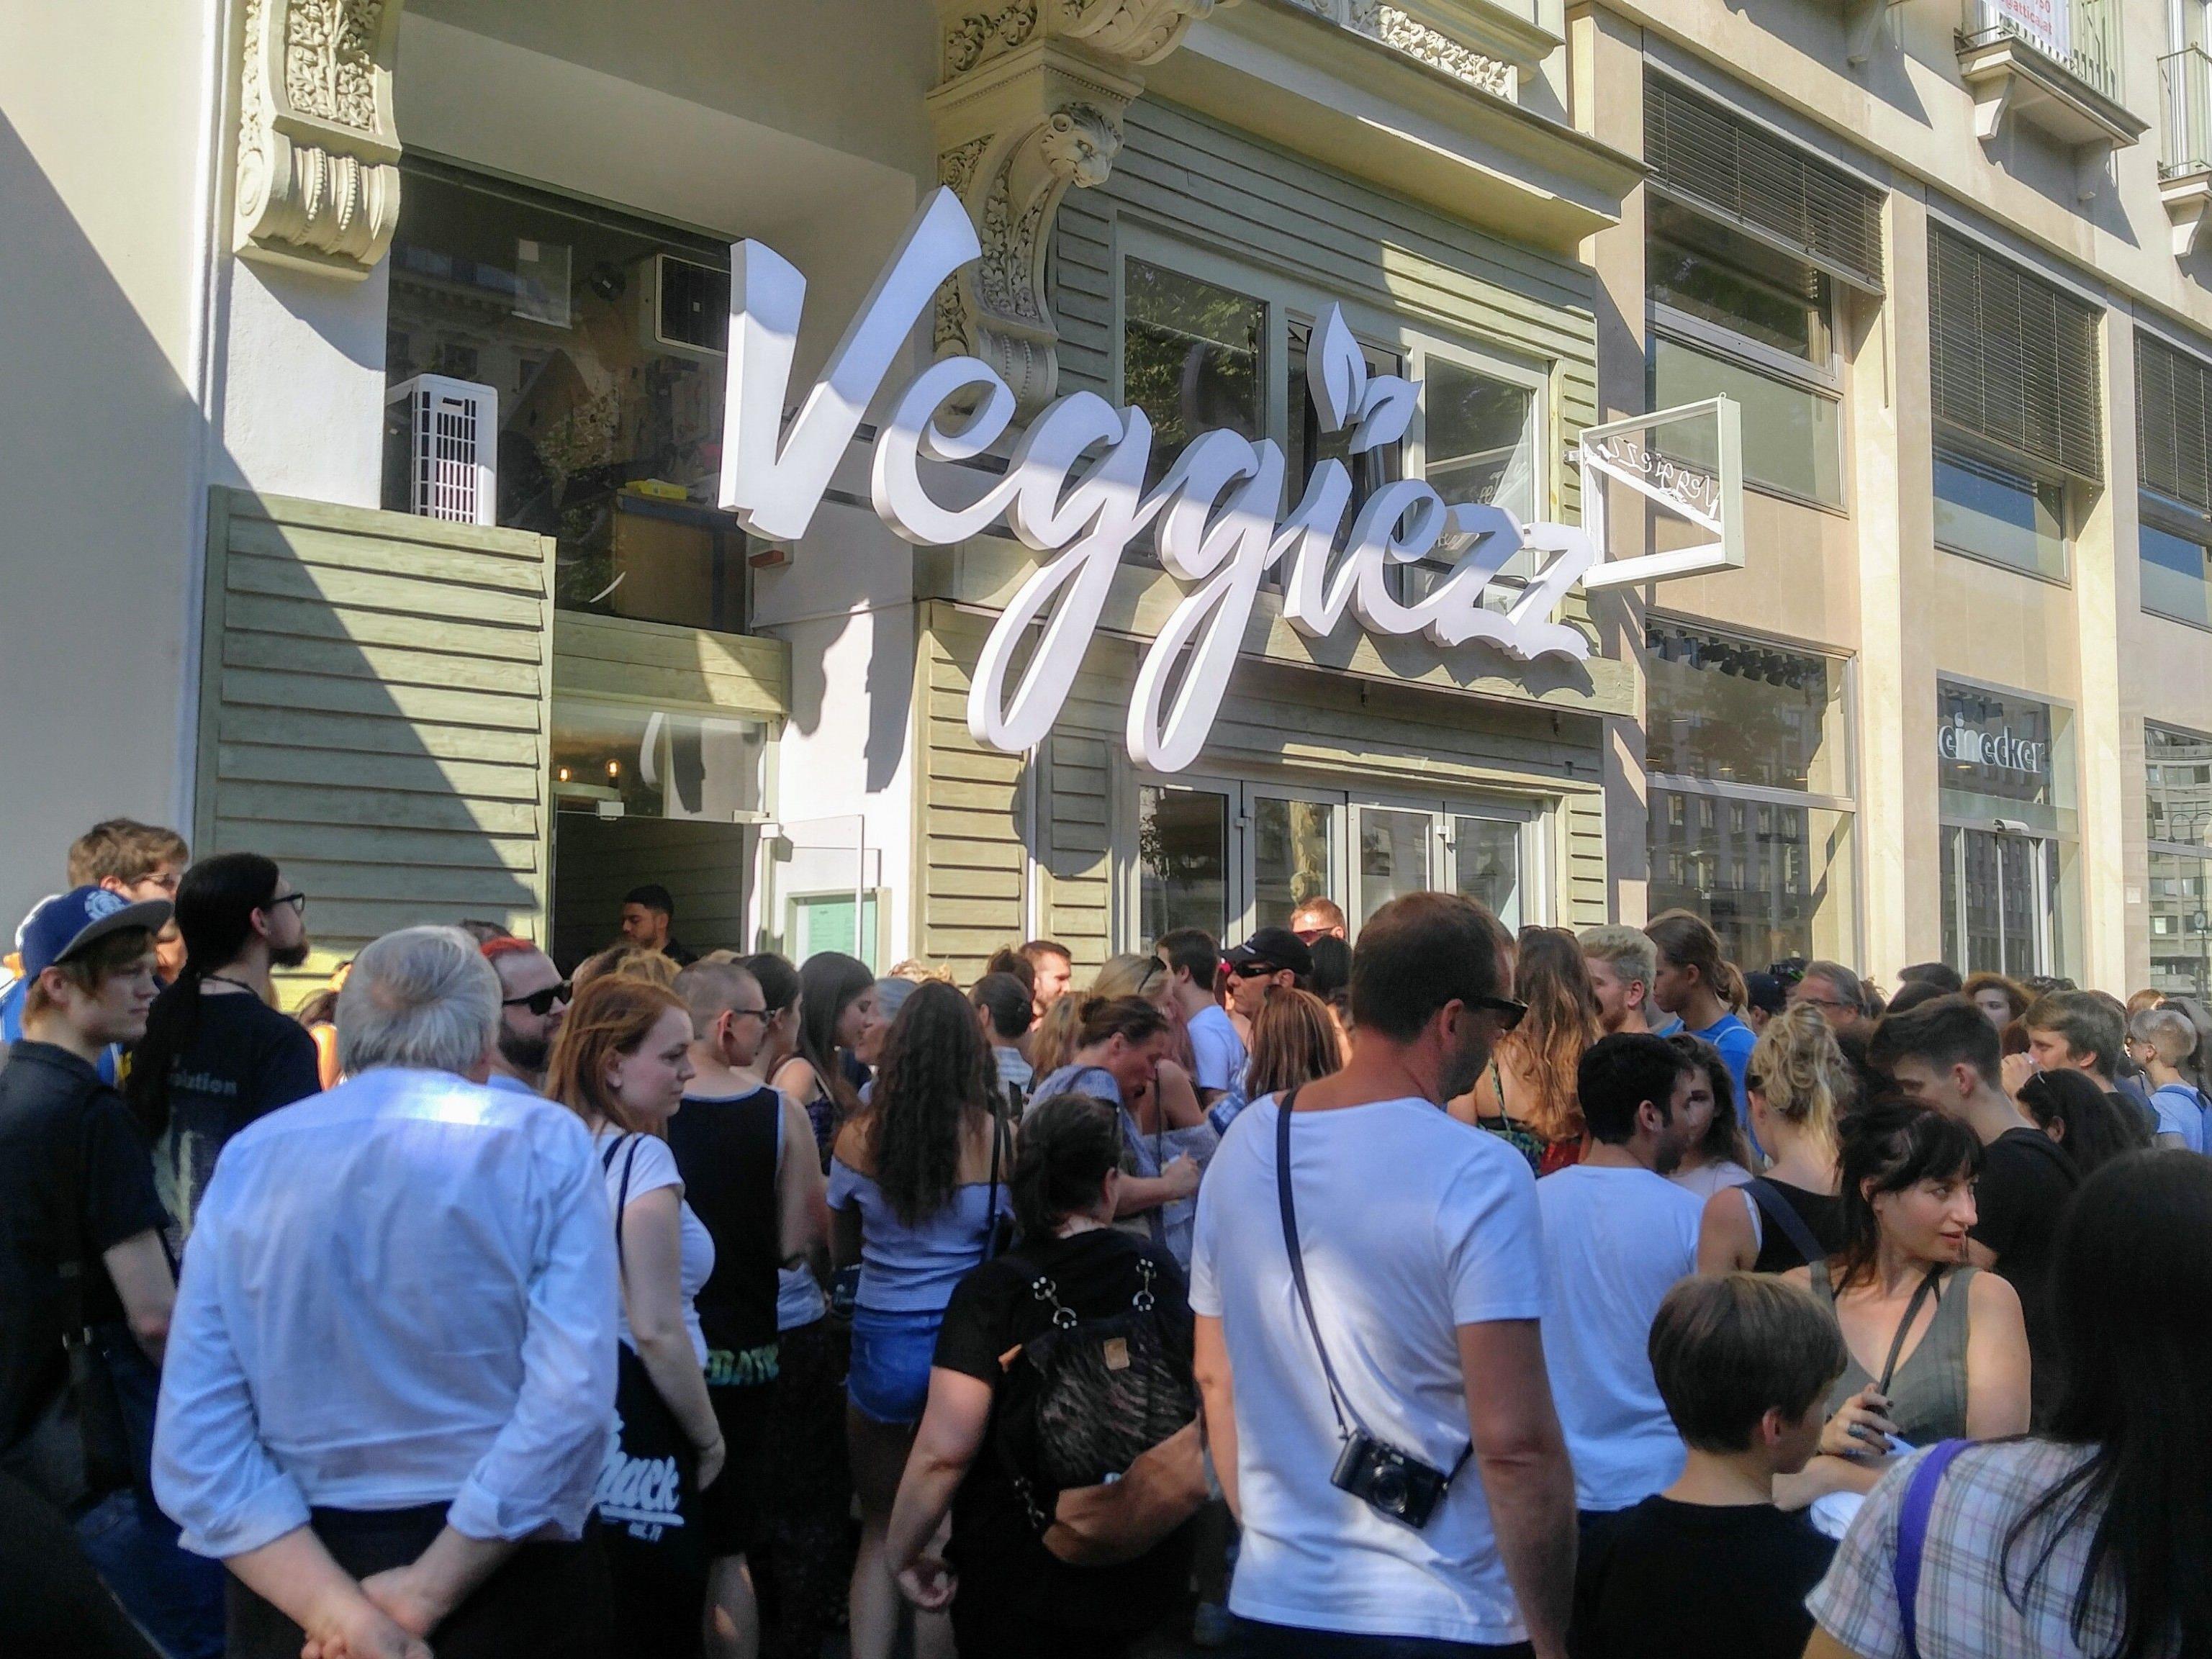 """Großen Ansturm gab es am Dienstag auf das neue """"Veggiezz""""-Restaurant am Opernring."""